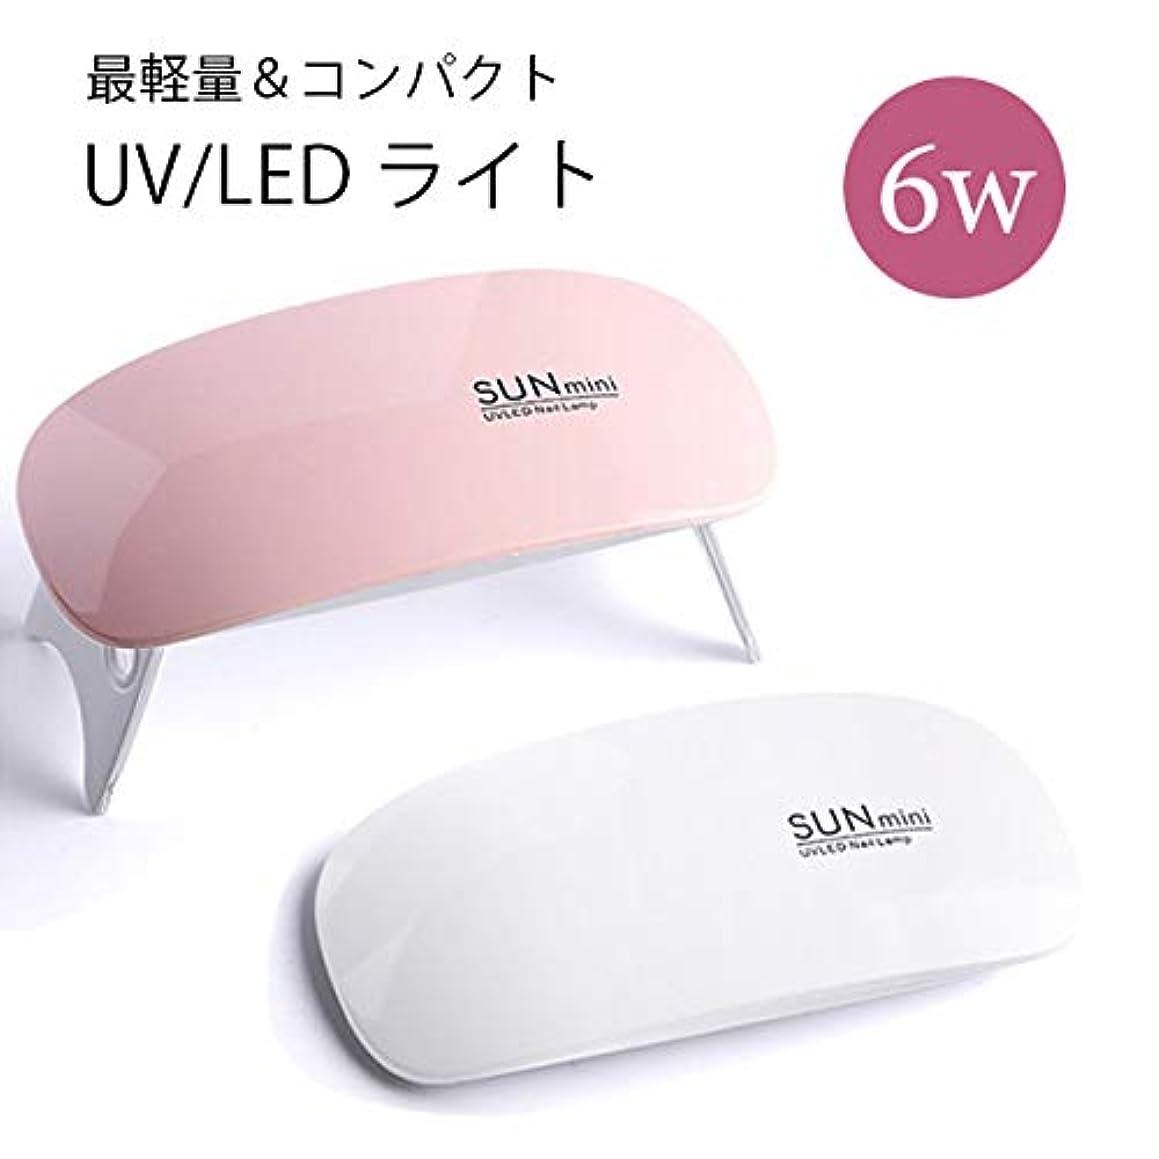 別に召集する縞模様の薄型 LED/UV ライト 6w (ピンク)